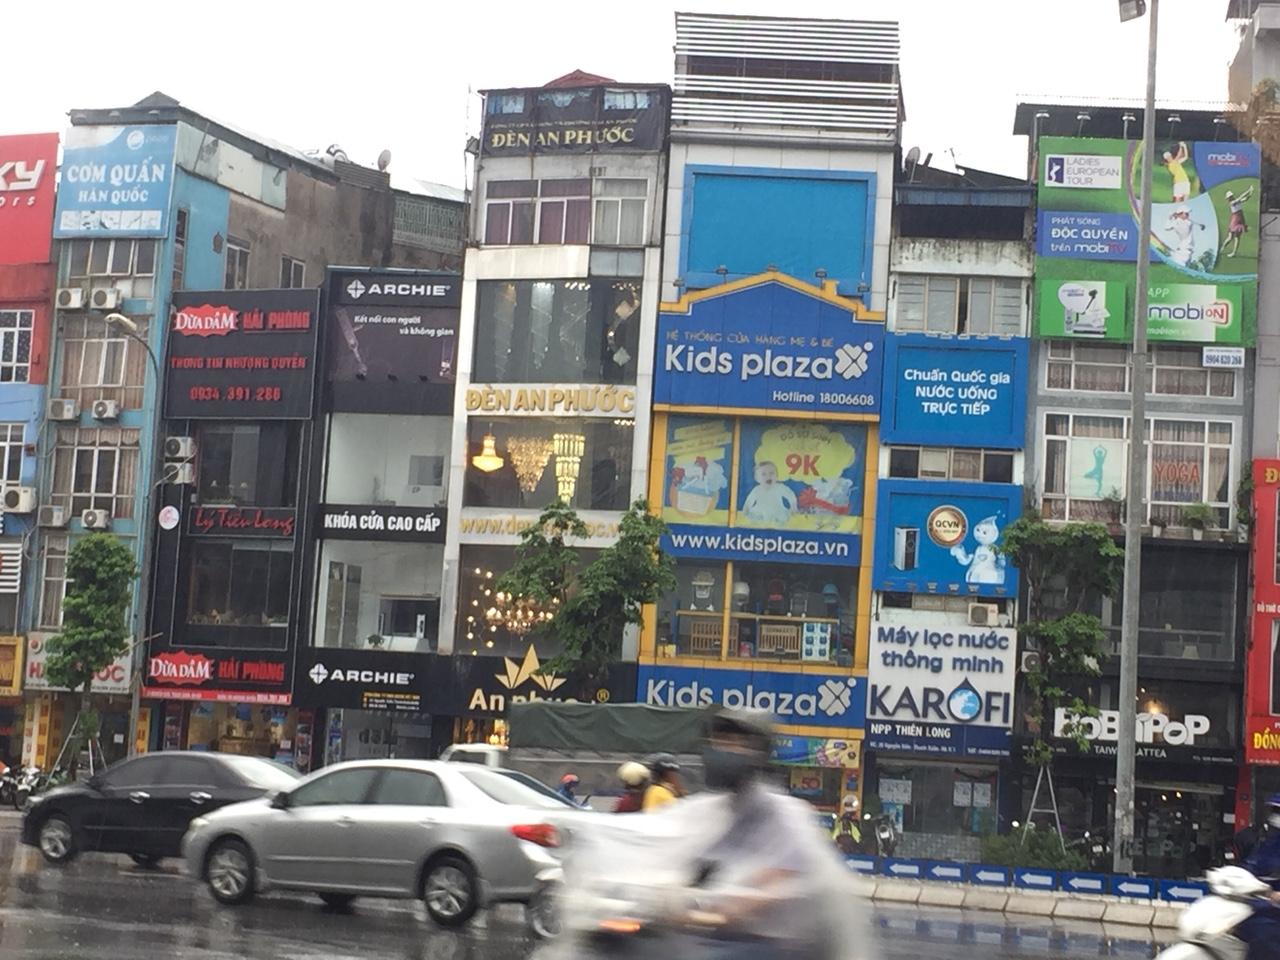 Làm biển quảng cáo tại Hà Nội 46